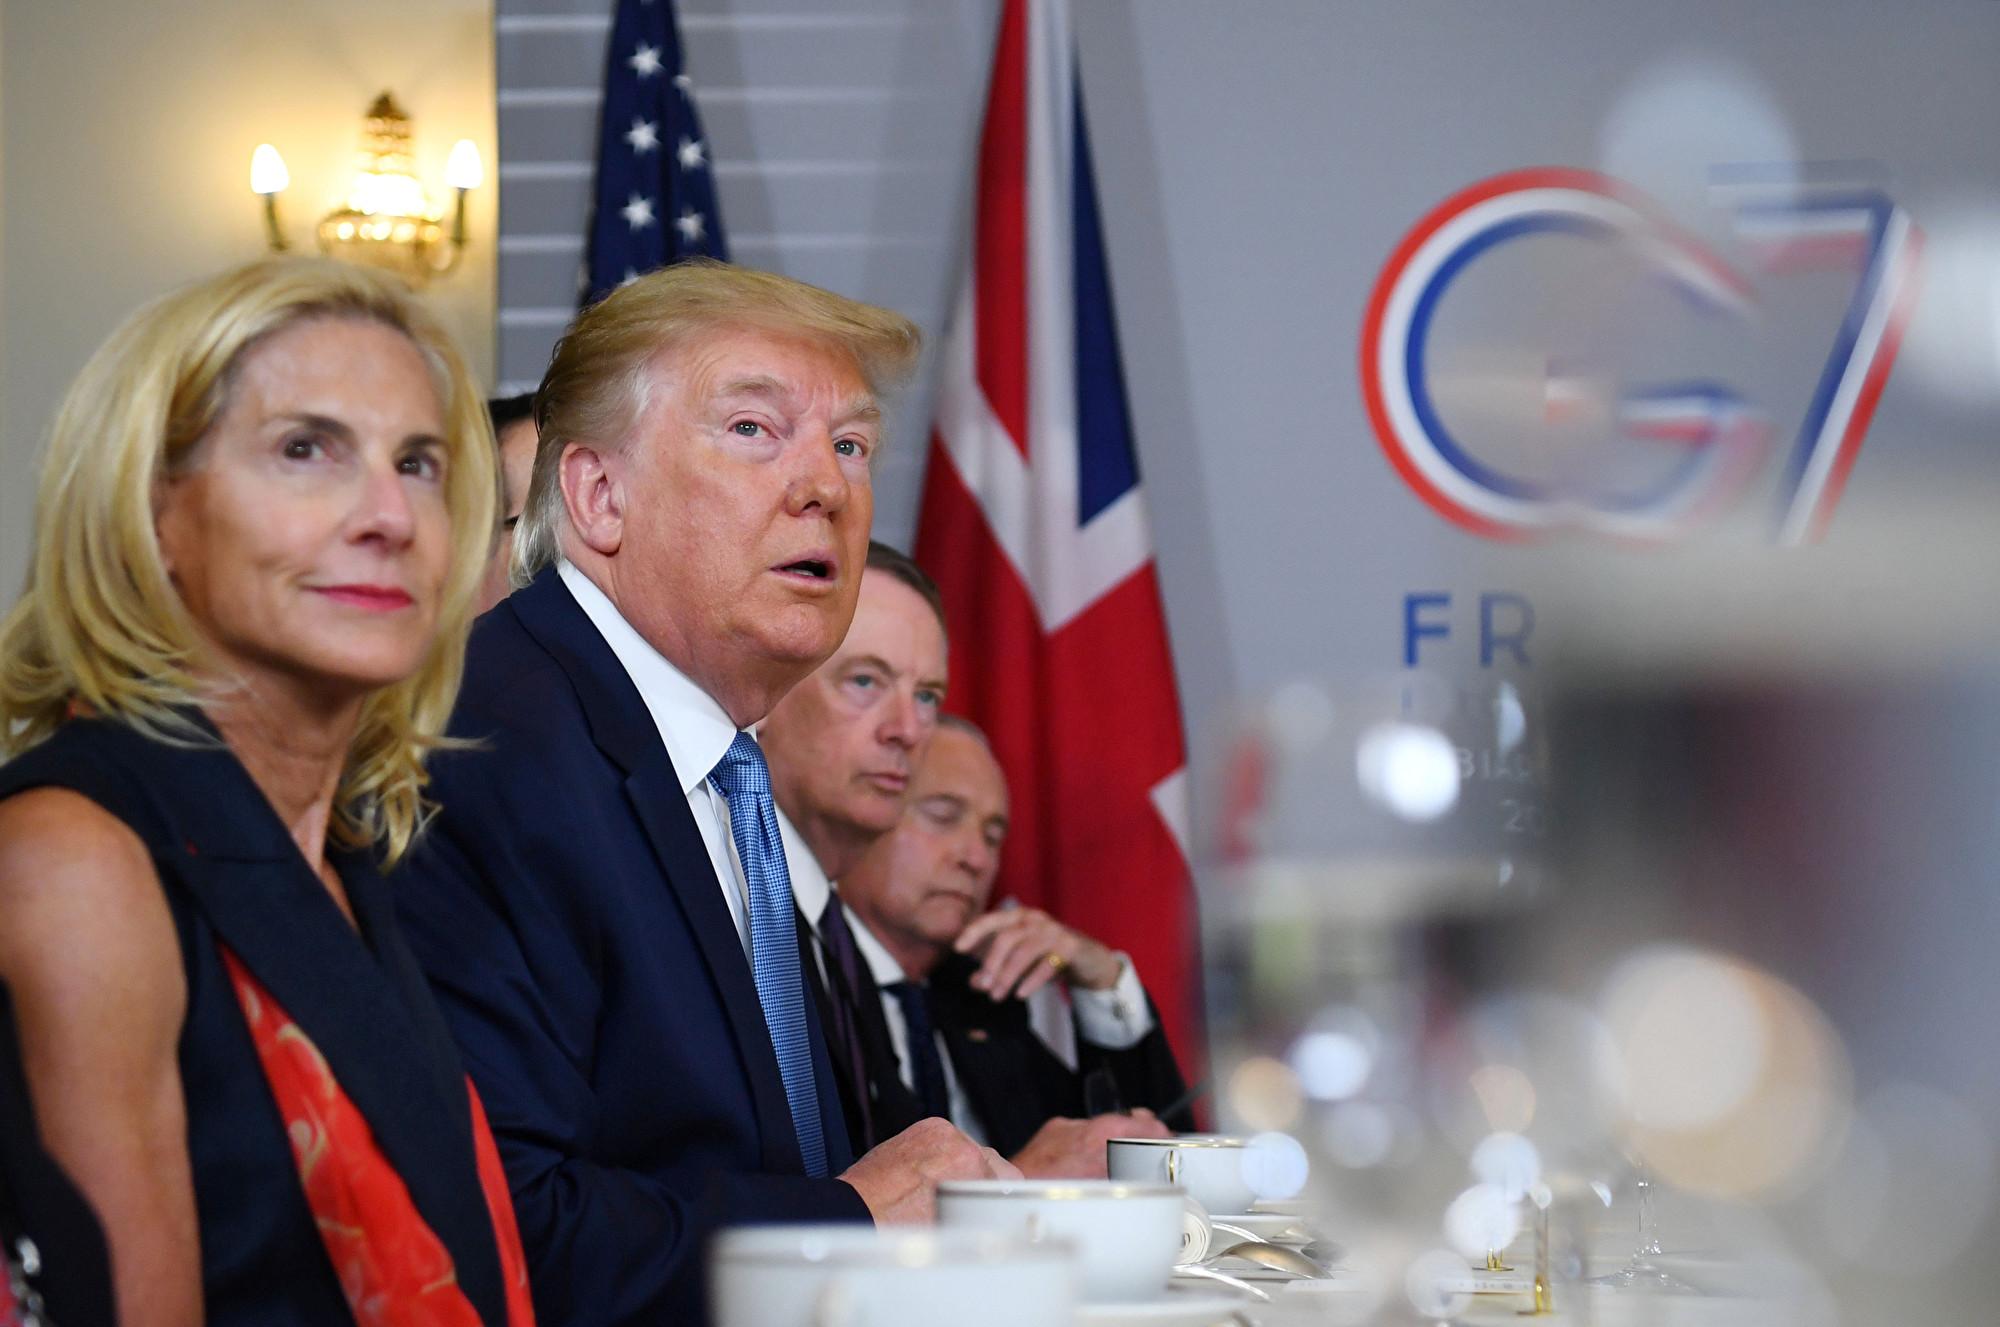 外交向來無小事,尤其是中美貿易戰全面升級,雙方通話屬於關注的「大事」;中共外交部卻「明確」回答,「沒聽說」,再次跟美國不同調。圖為美國總統特朗普出席G7峰會。(Dylan Martinez-Pool/Getty Images)